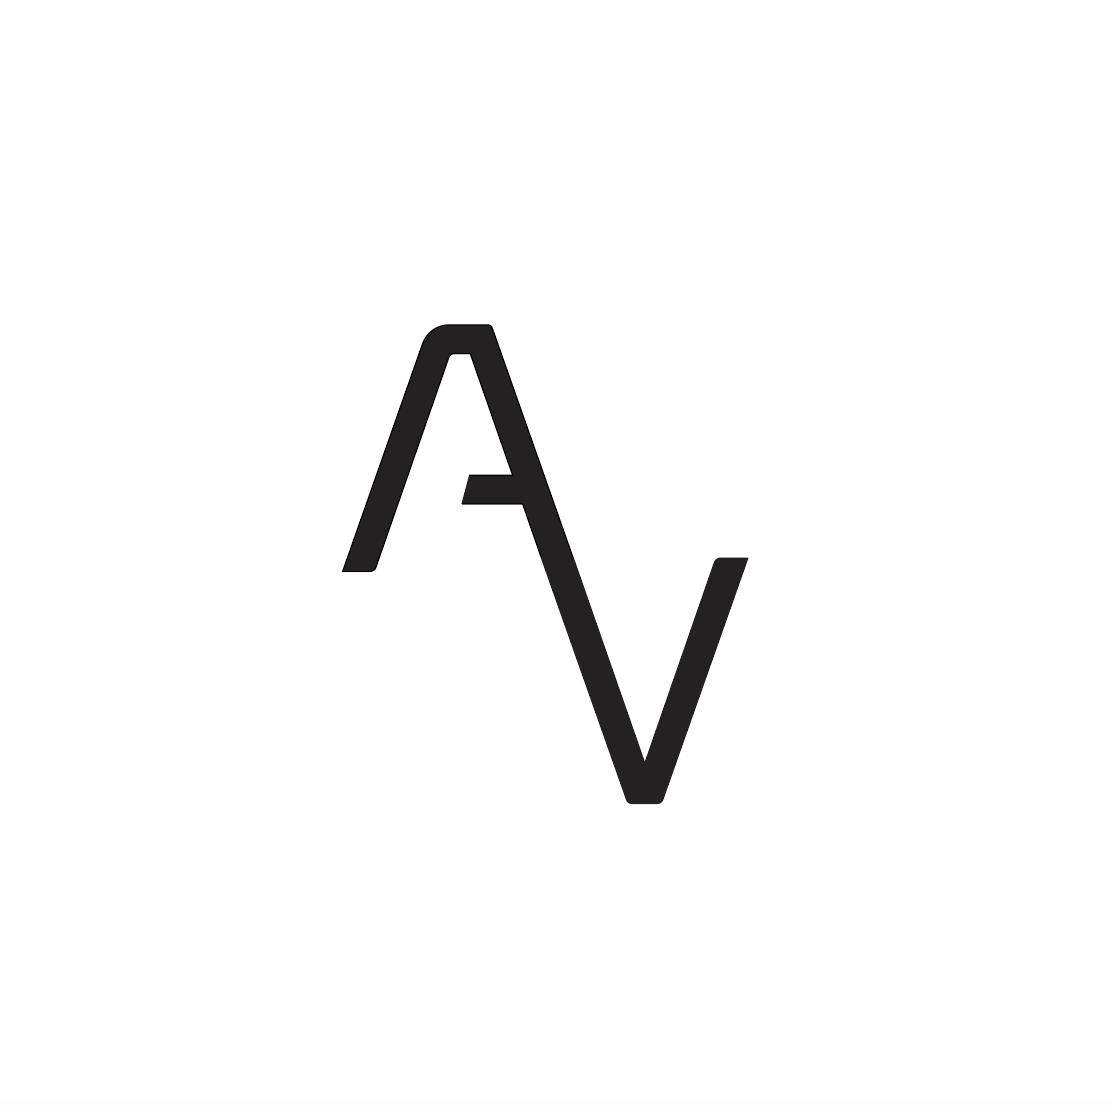 air-vinyl-av-logo